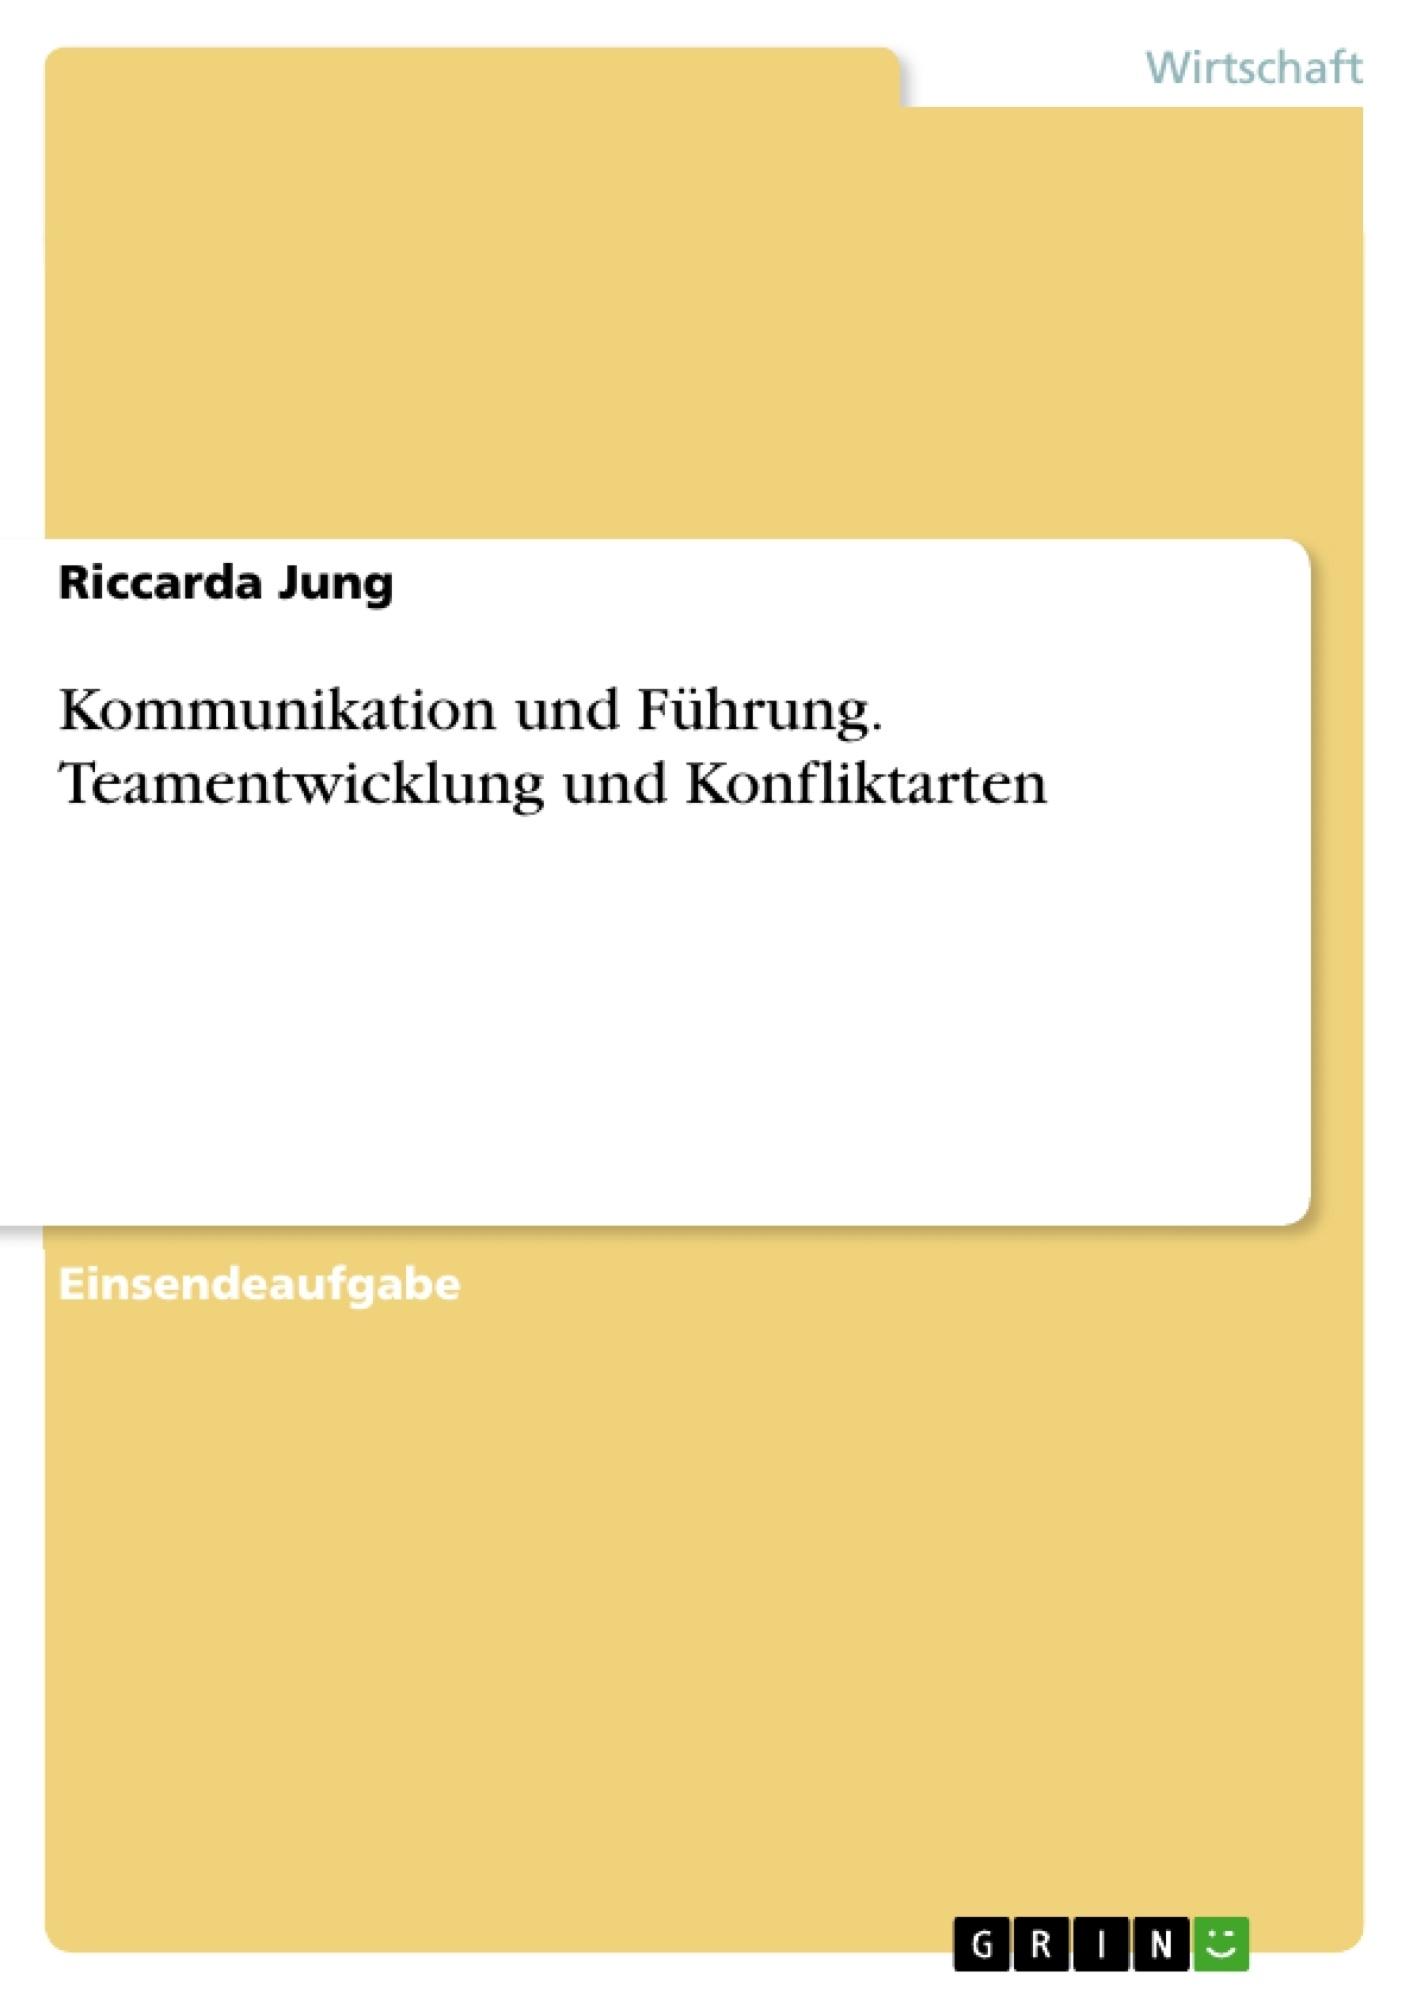 Titel: Kommunikation und Führung. Teamentwicklung und Konfliktarten